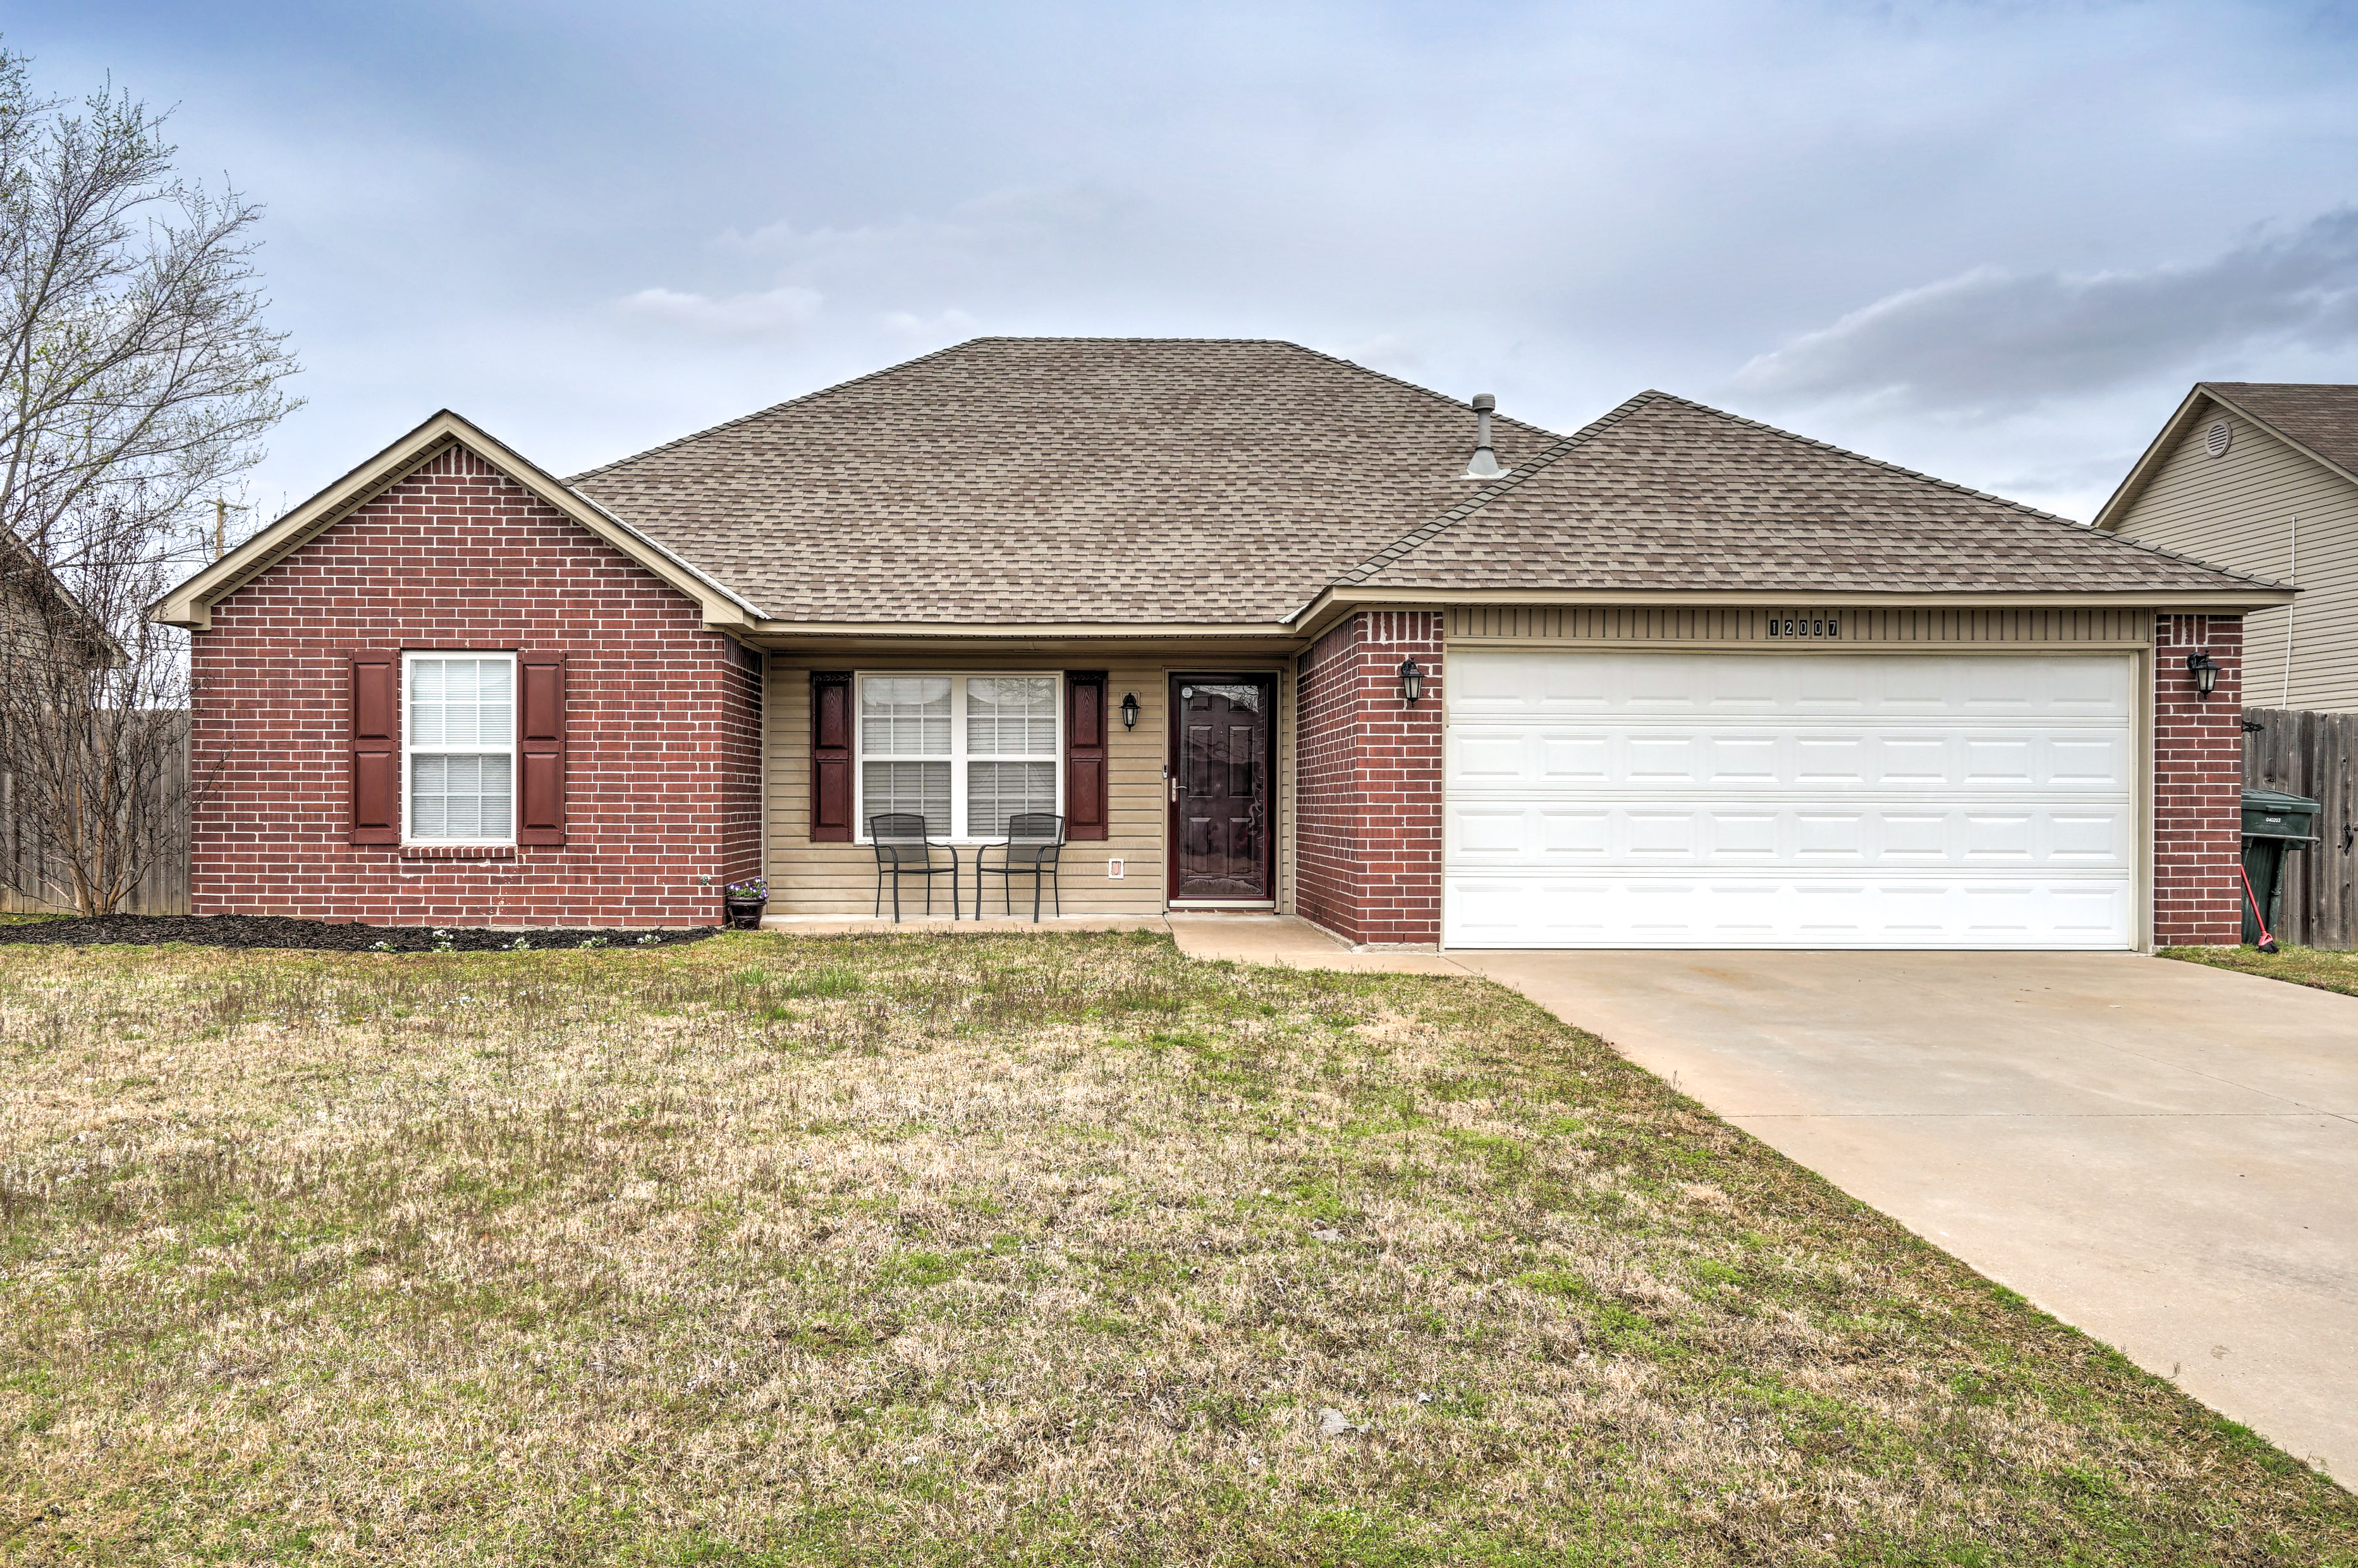 12007 E 115th Place Property Photo 1